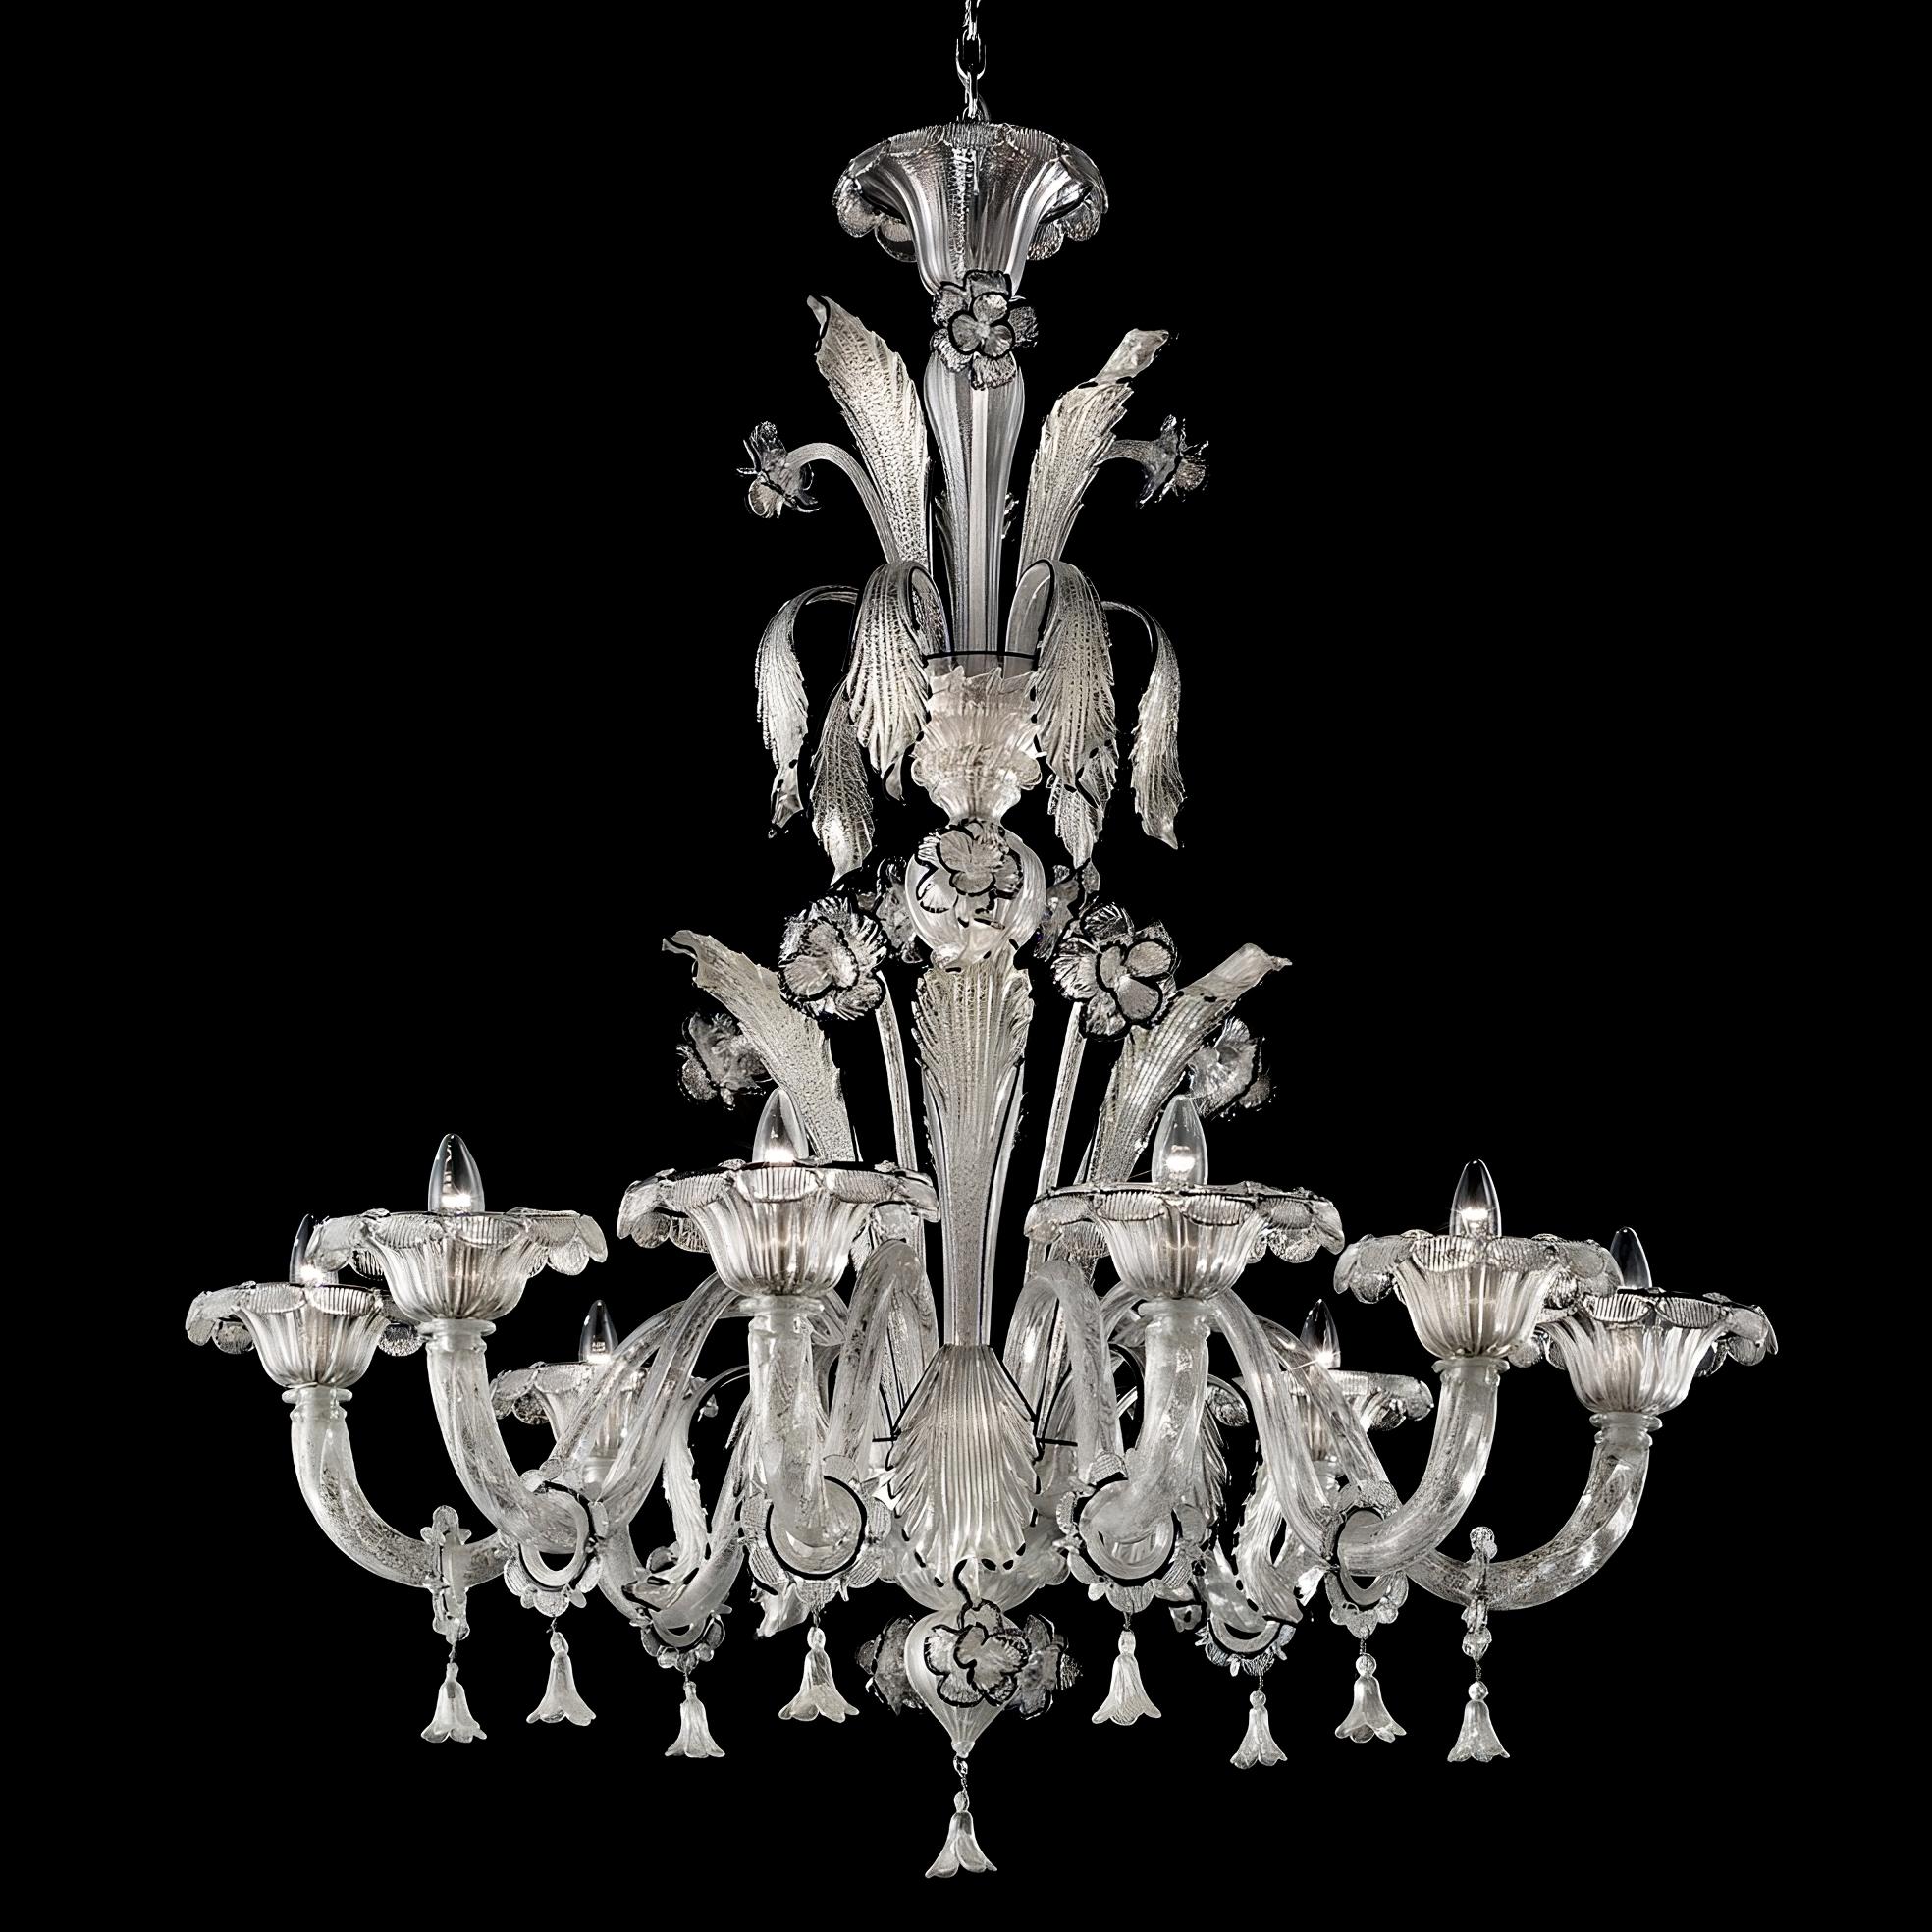 Paradiso white Murano glass chandelier Murano glass chandeliers – White Murano Chandelier